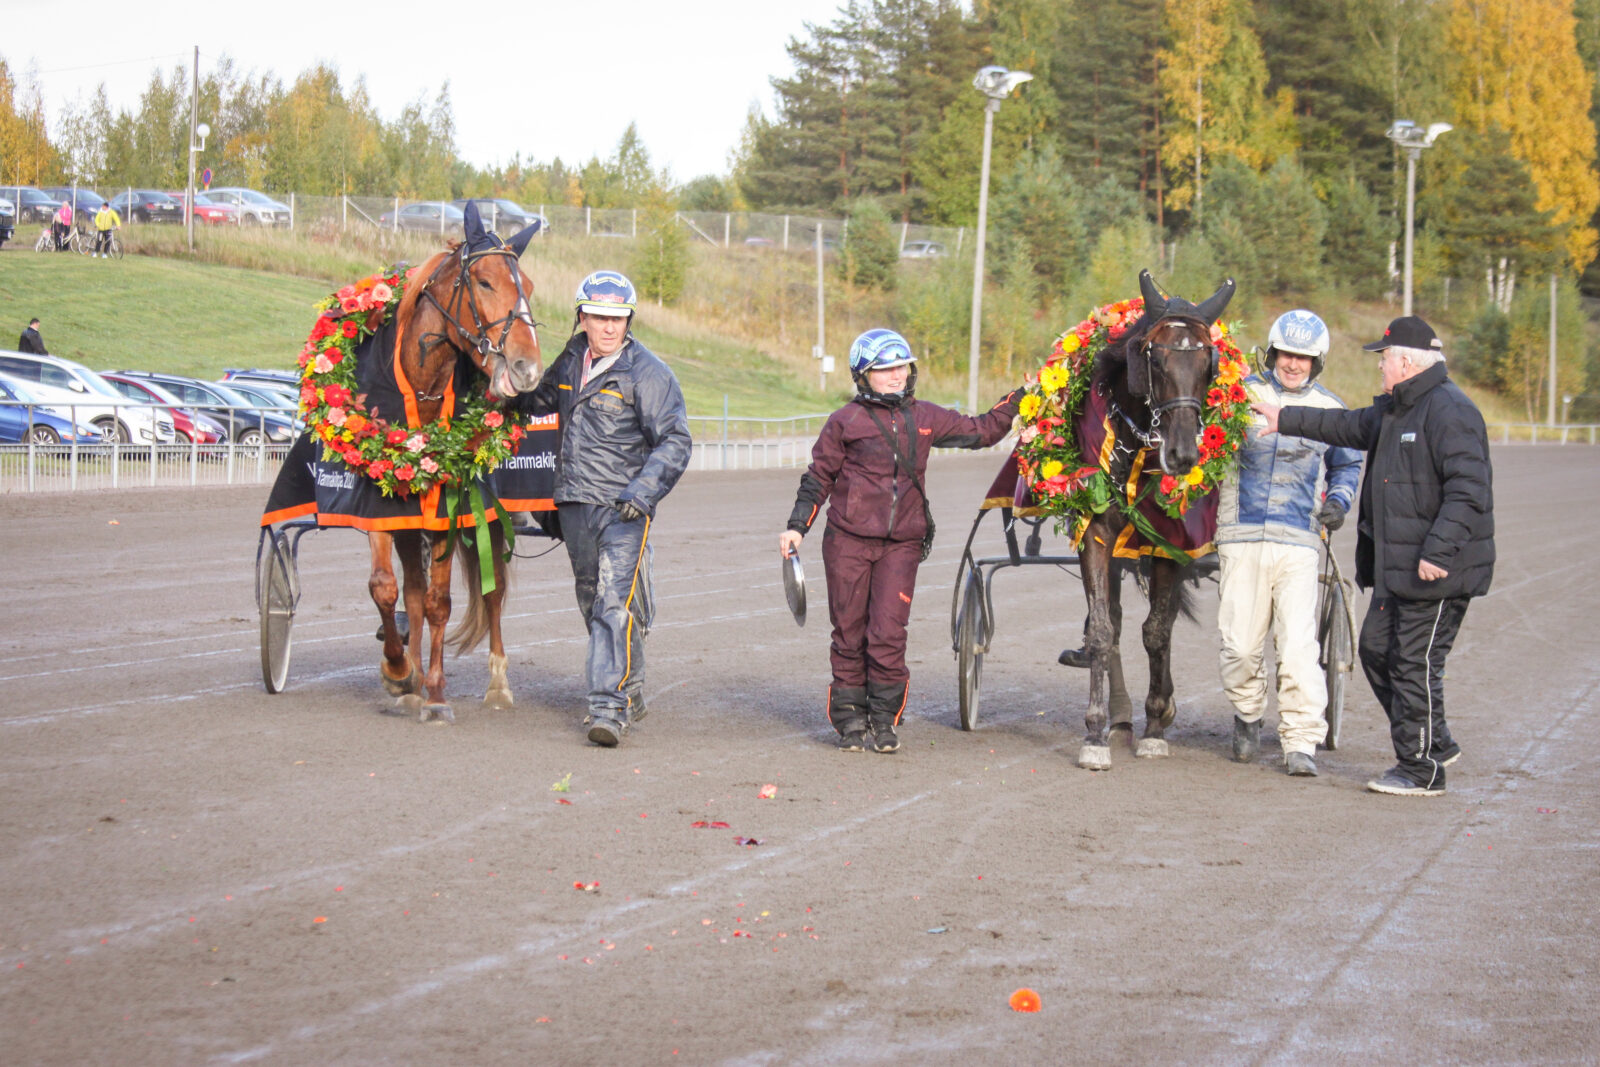 Villinmiehen Tammakilvan finaalien voittajat 2021 Liinan Säihke ja An-Dorra. Kuva: Hippos / Reeta Heino